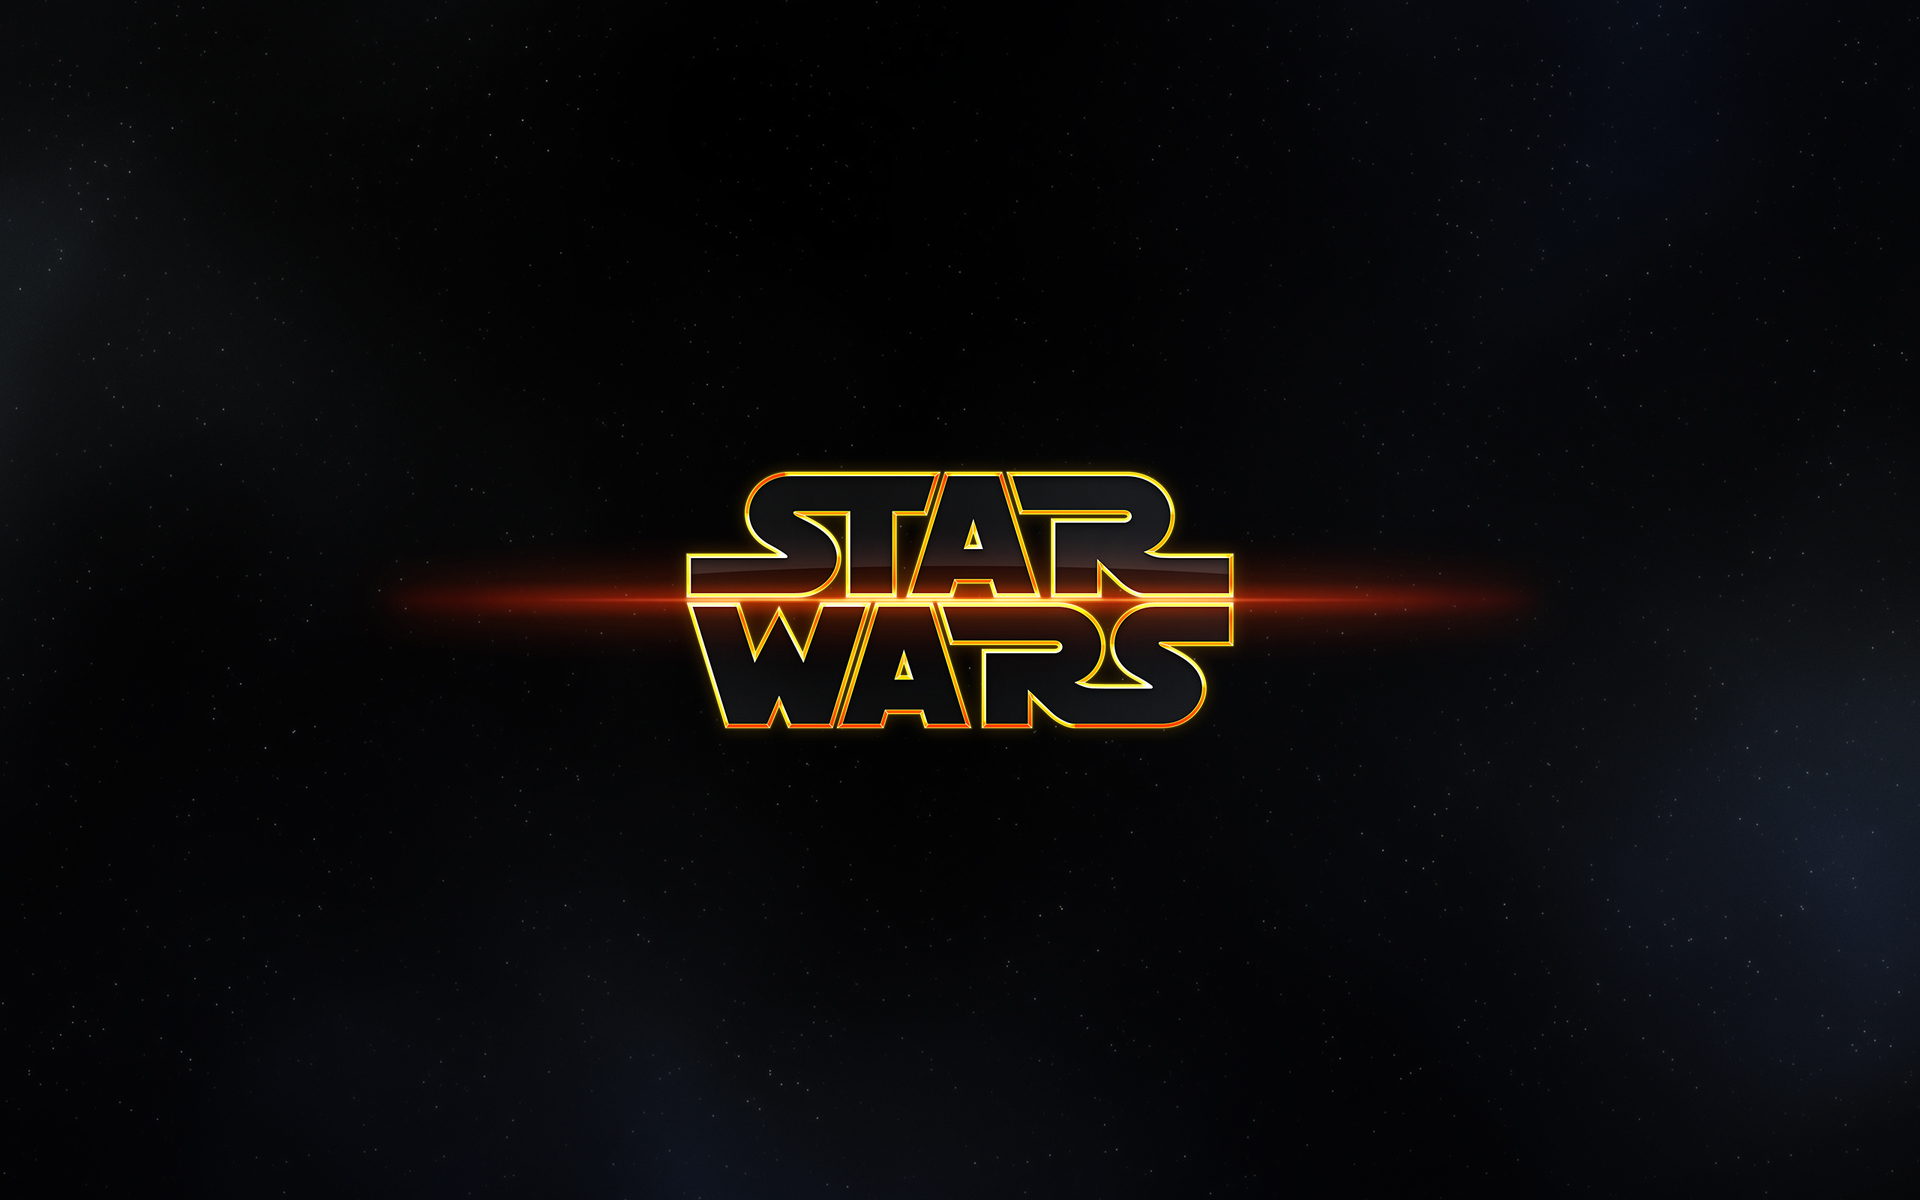 Star Wars Logo Wallpaper